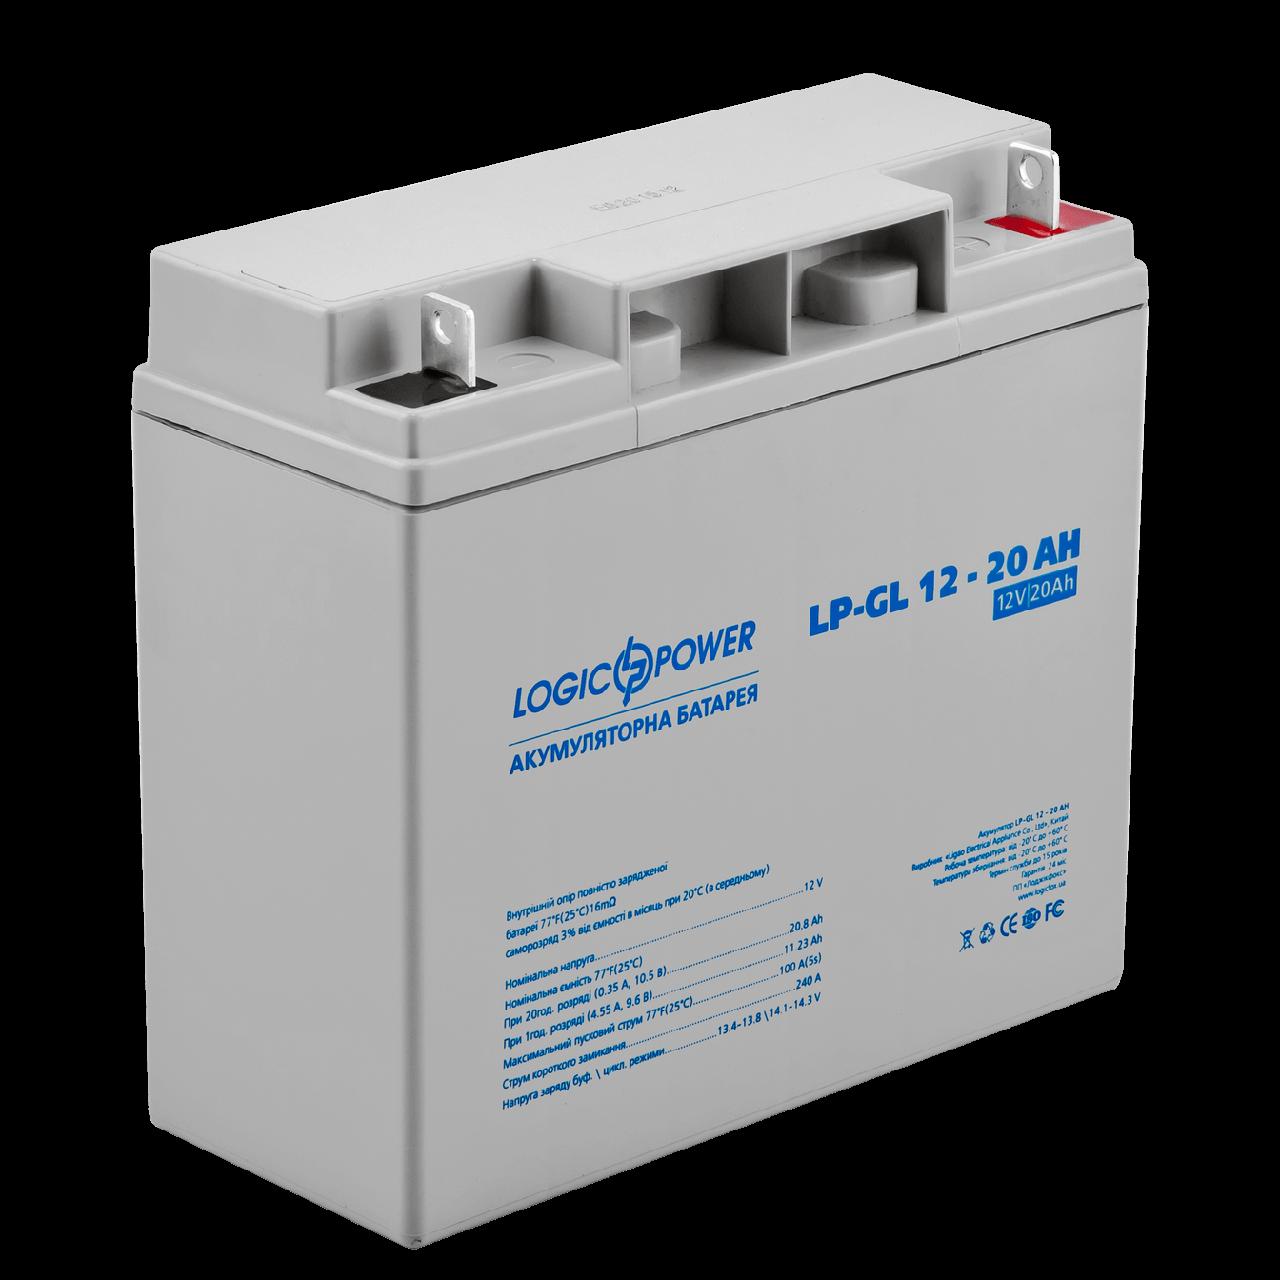 Гелевый аккумулятор Logic Power LP-GL 12V 20AH (12 Вольт, 20 Ач).